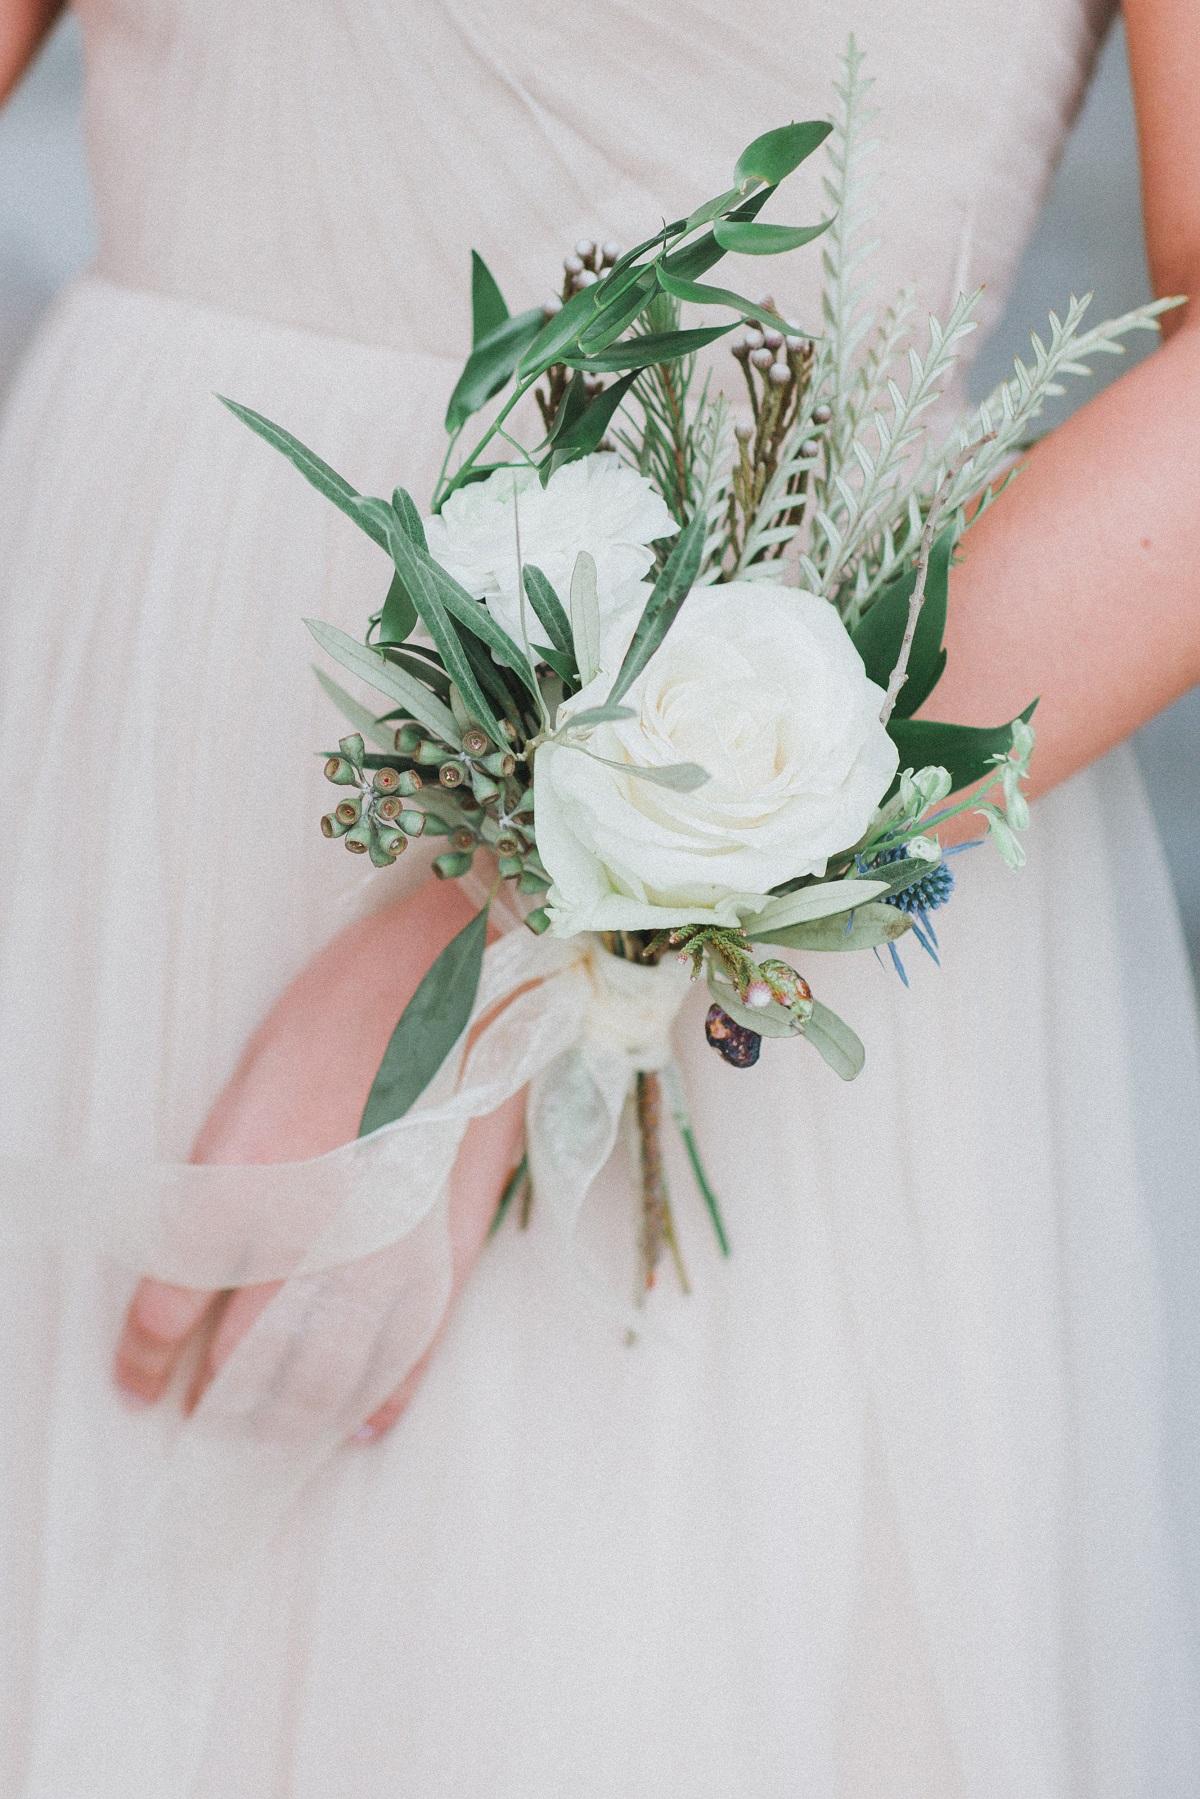 Polscorsage met witte rozen